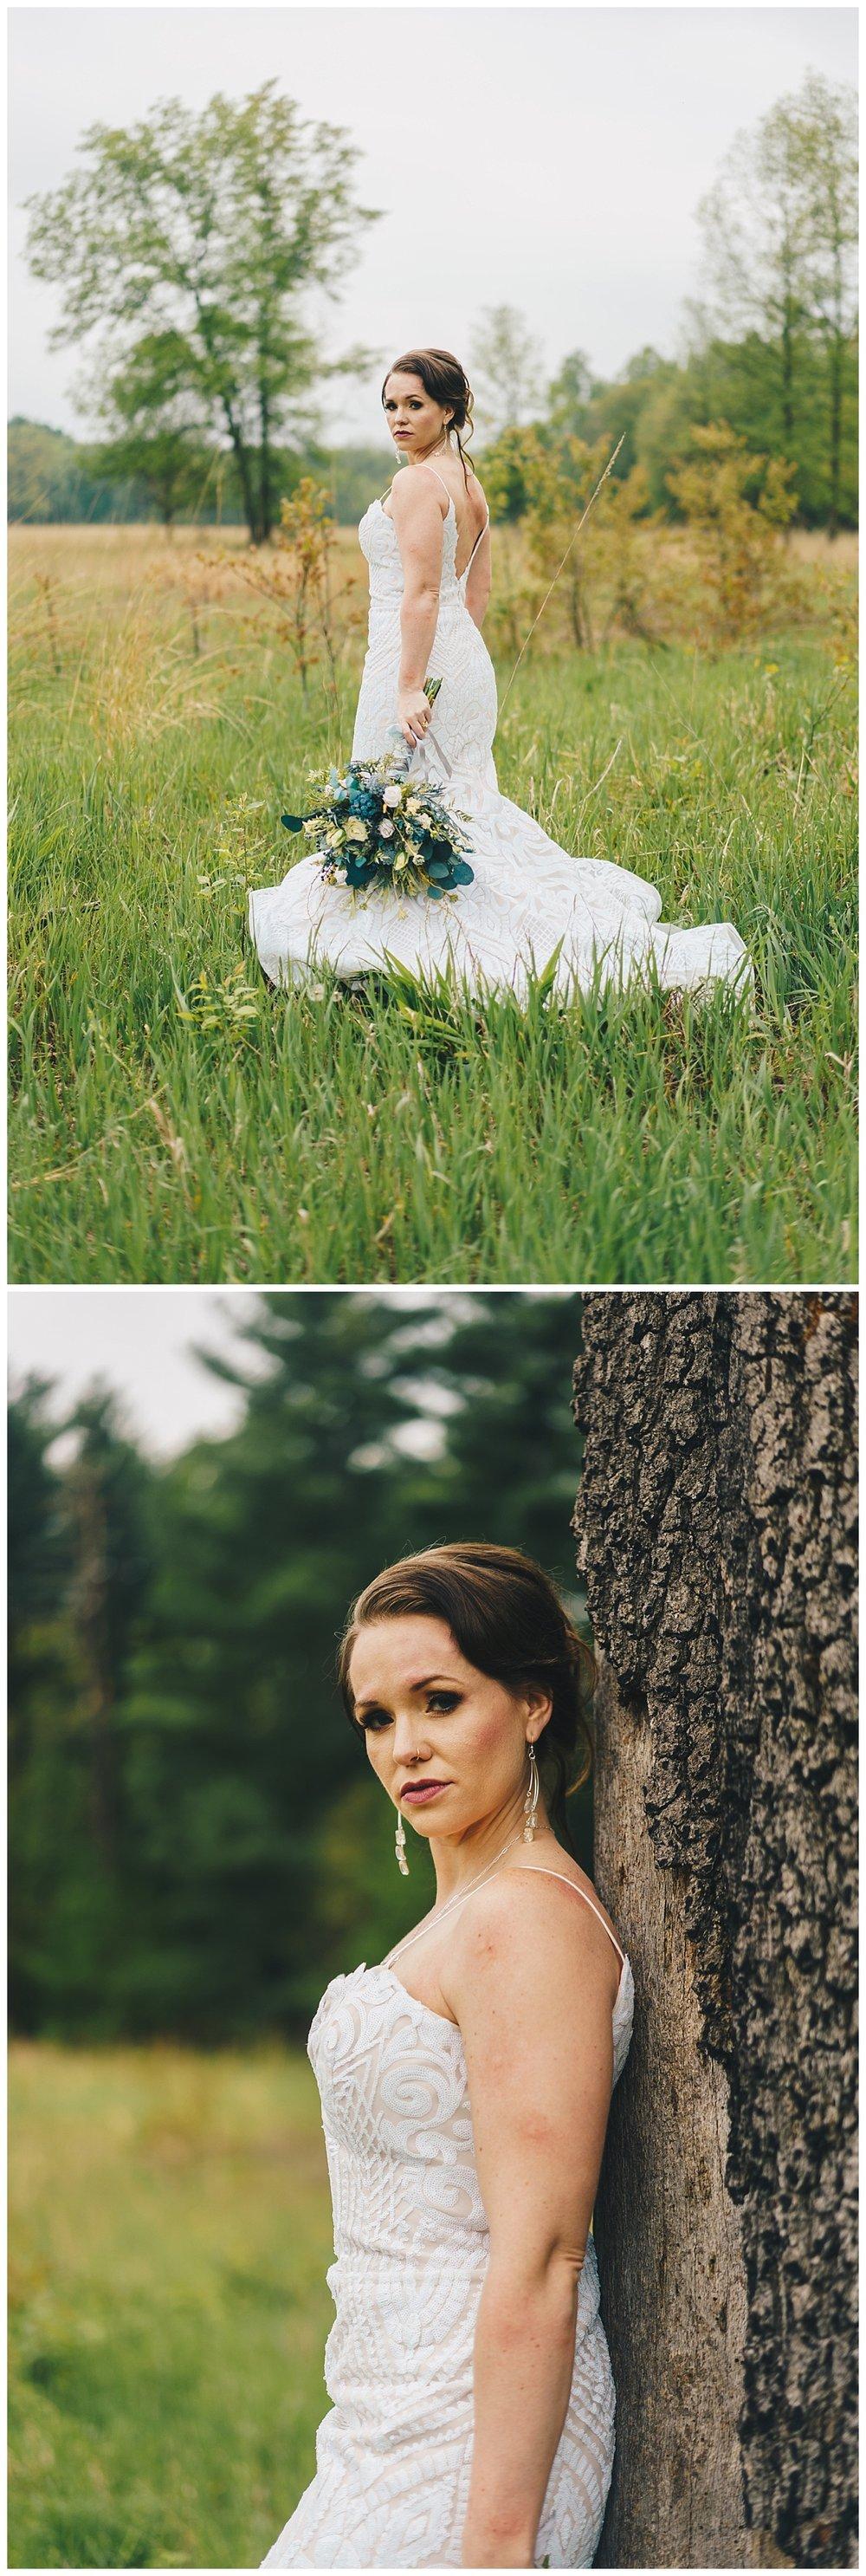 Nashville Wedding Photographer_Elegant Woods Styled Session-7